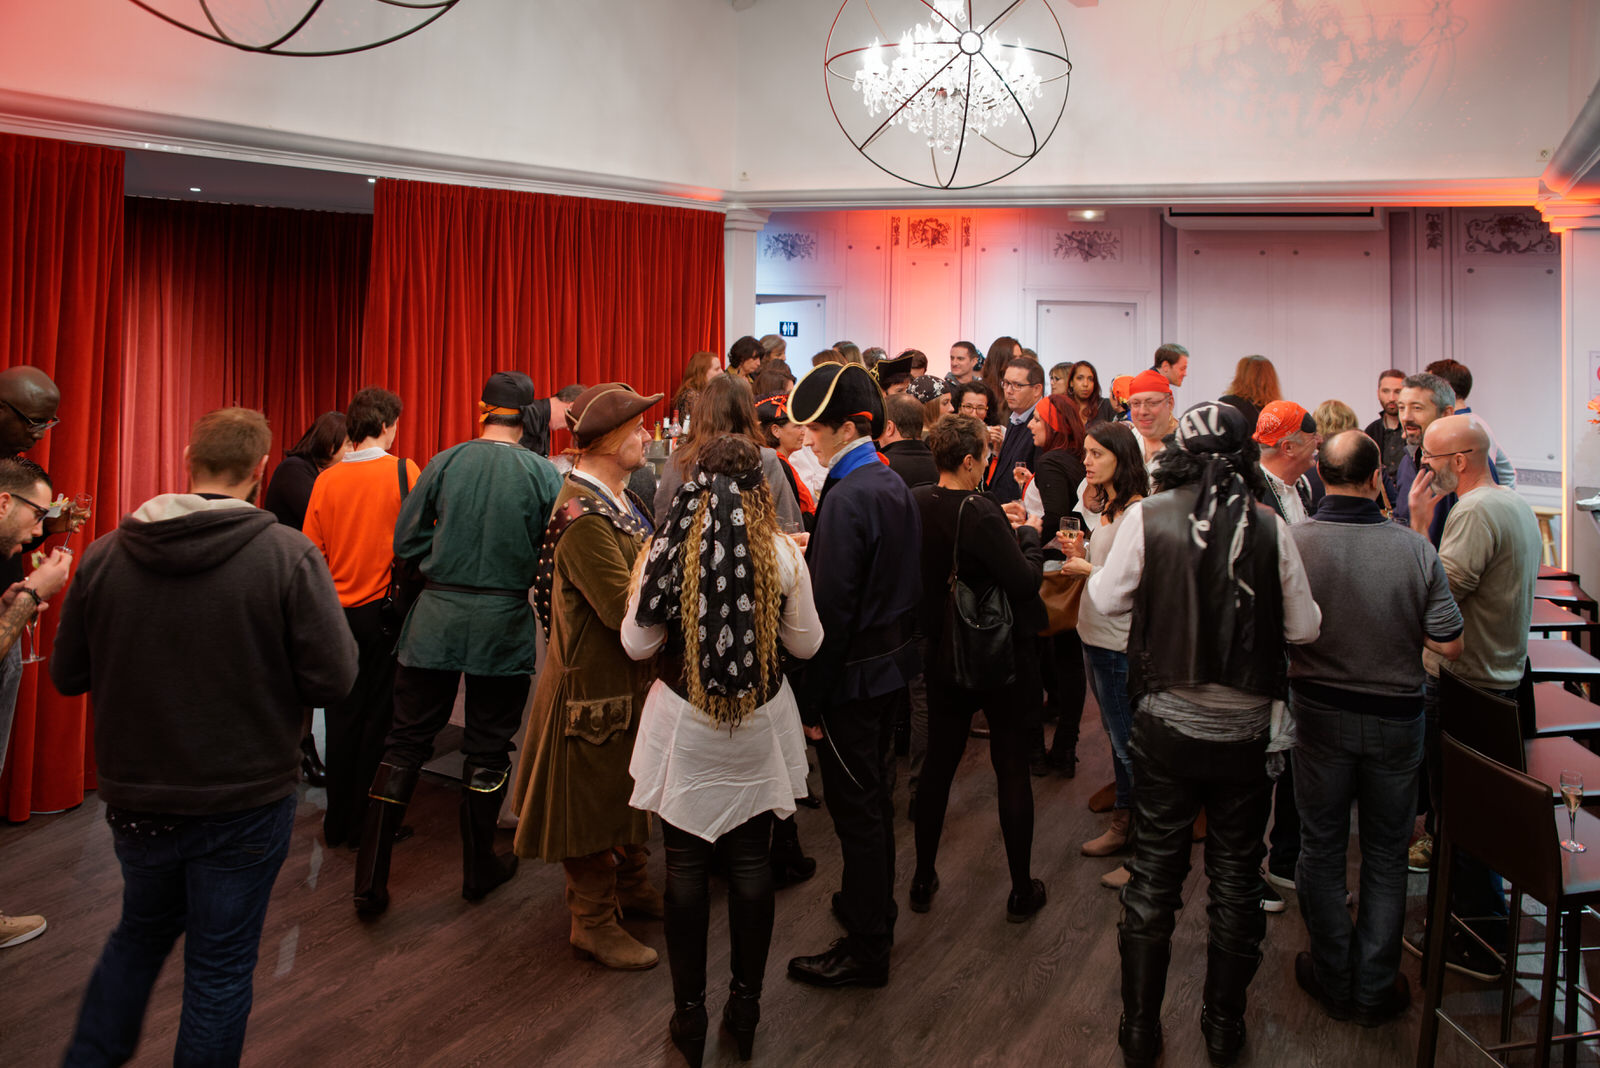 Salle de réception - Reportage photo - événementiel - événement - soirée d'entreprise - photographe professionnel - Thierry Pousset - Bordeaux - coco marble